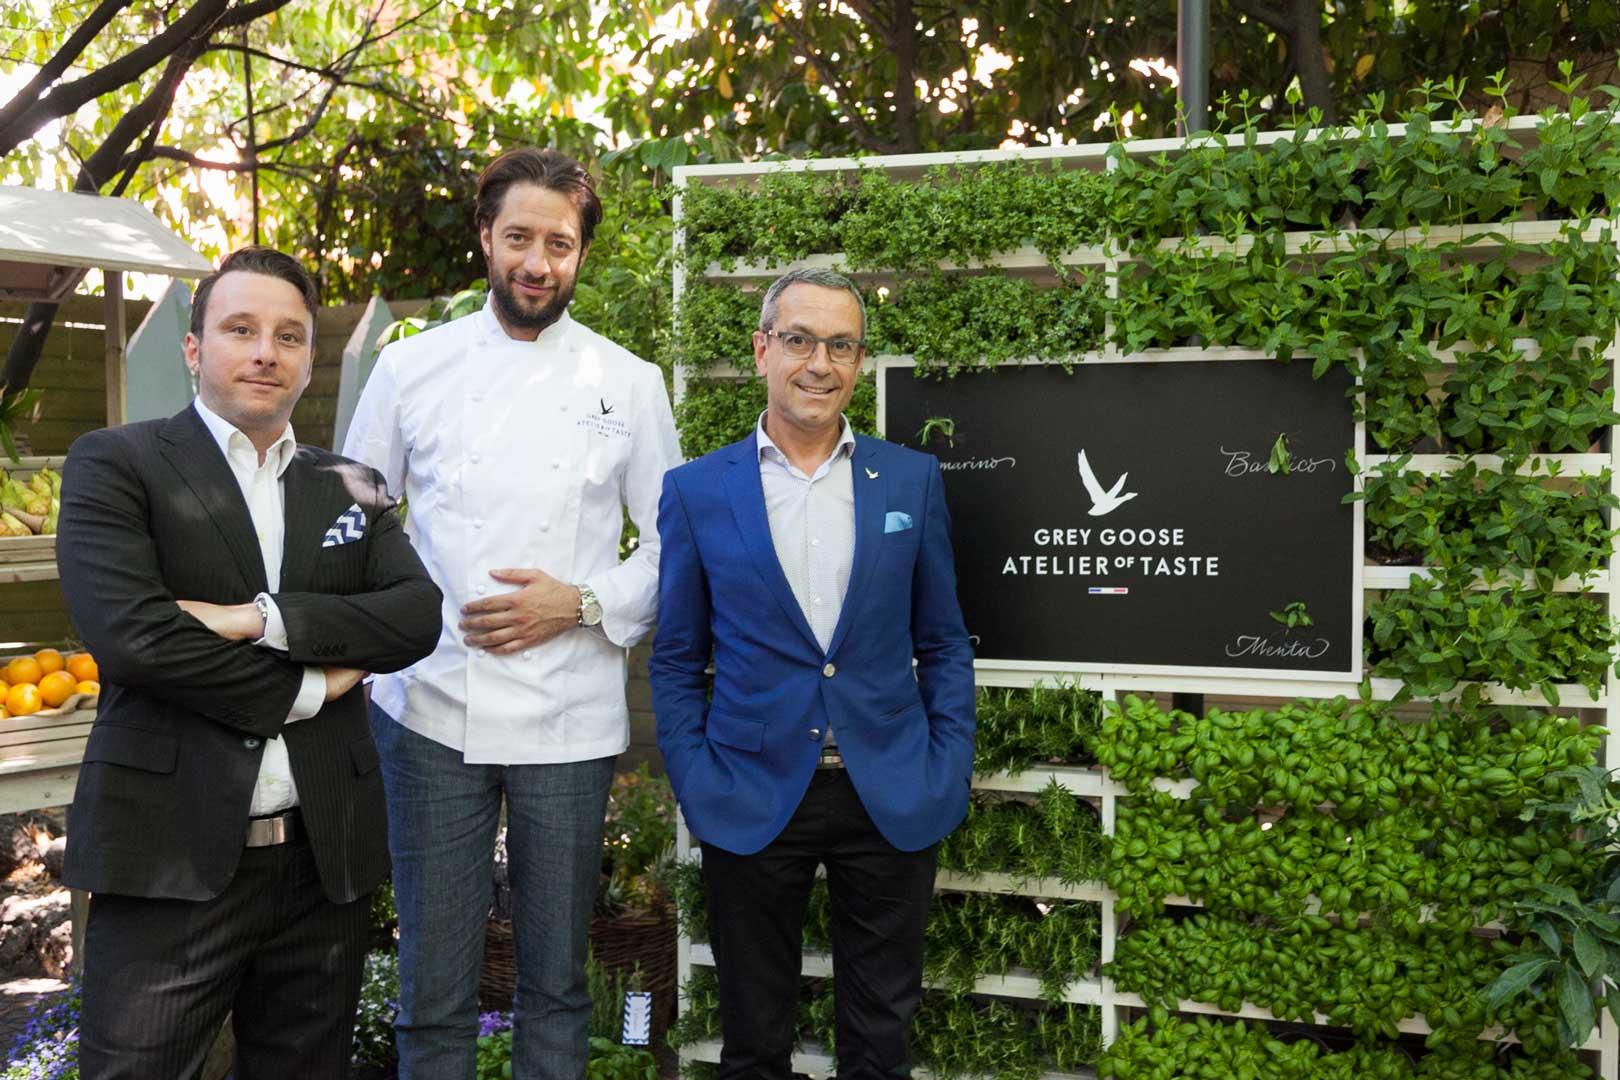 Grey Goose Atelier of Taste @ Sheraton Diana Majestic | Francois Thibault e Luigi Taglienti